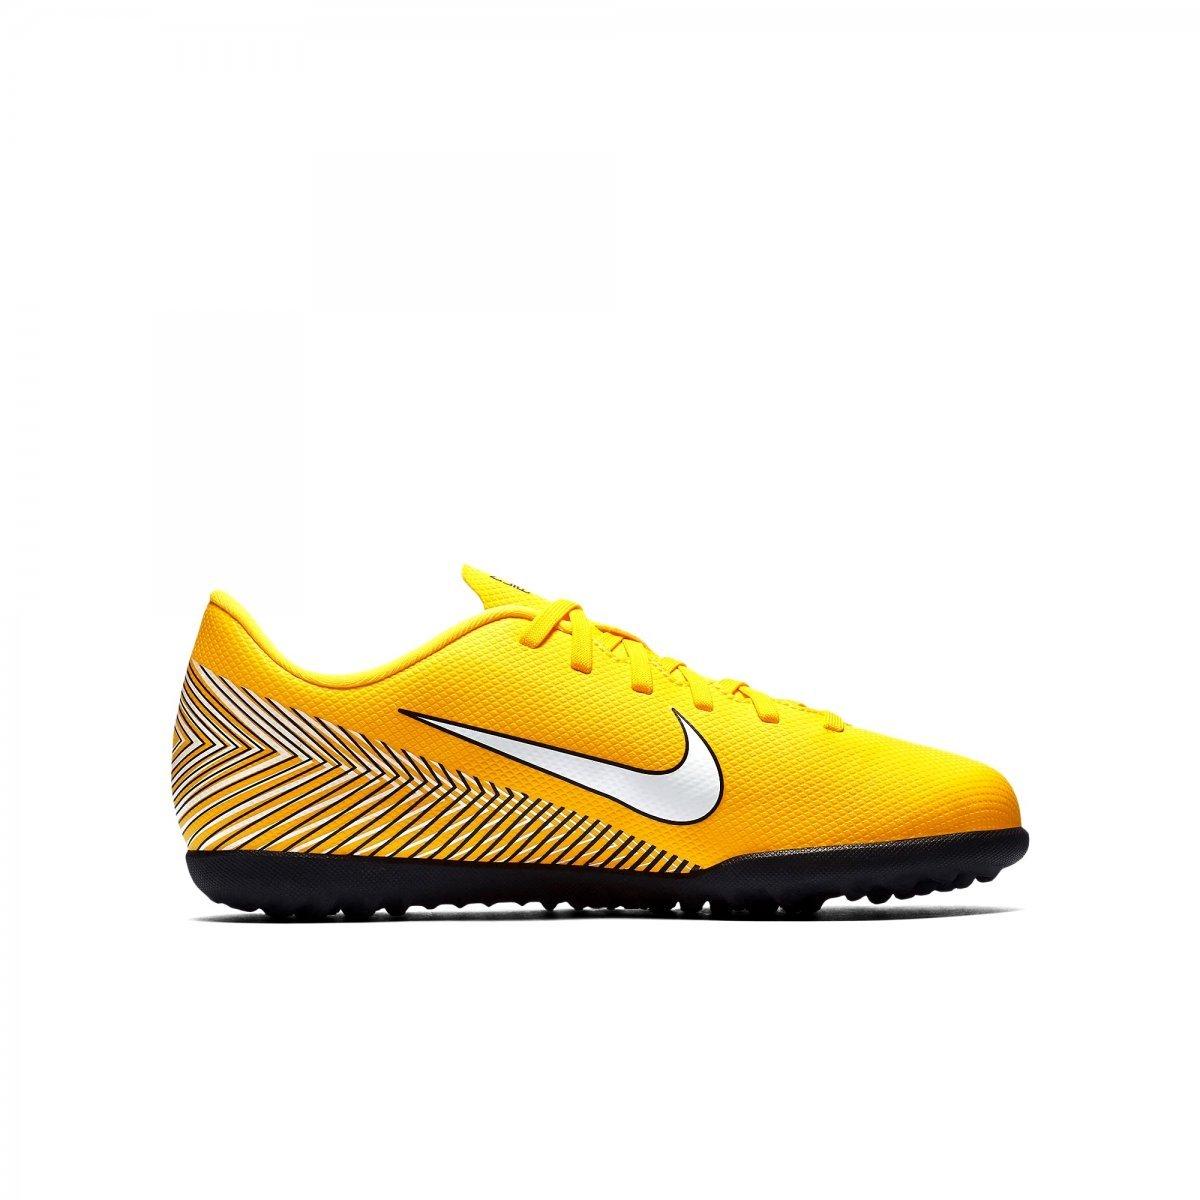 45957e3bc4c67 Amplie a imagem. Chuteira Society Infantil Nike Jr Vaporx 12 Club  Chuteira  Society Infantil ...